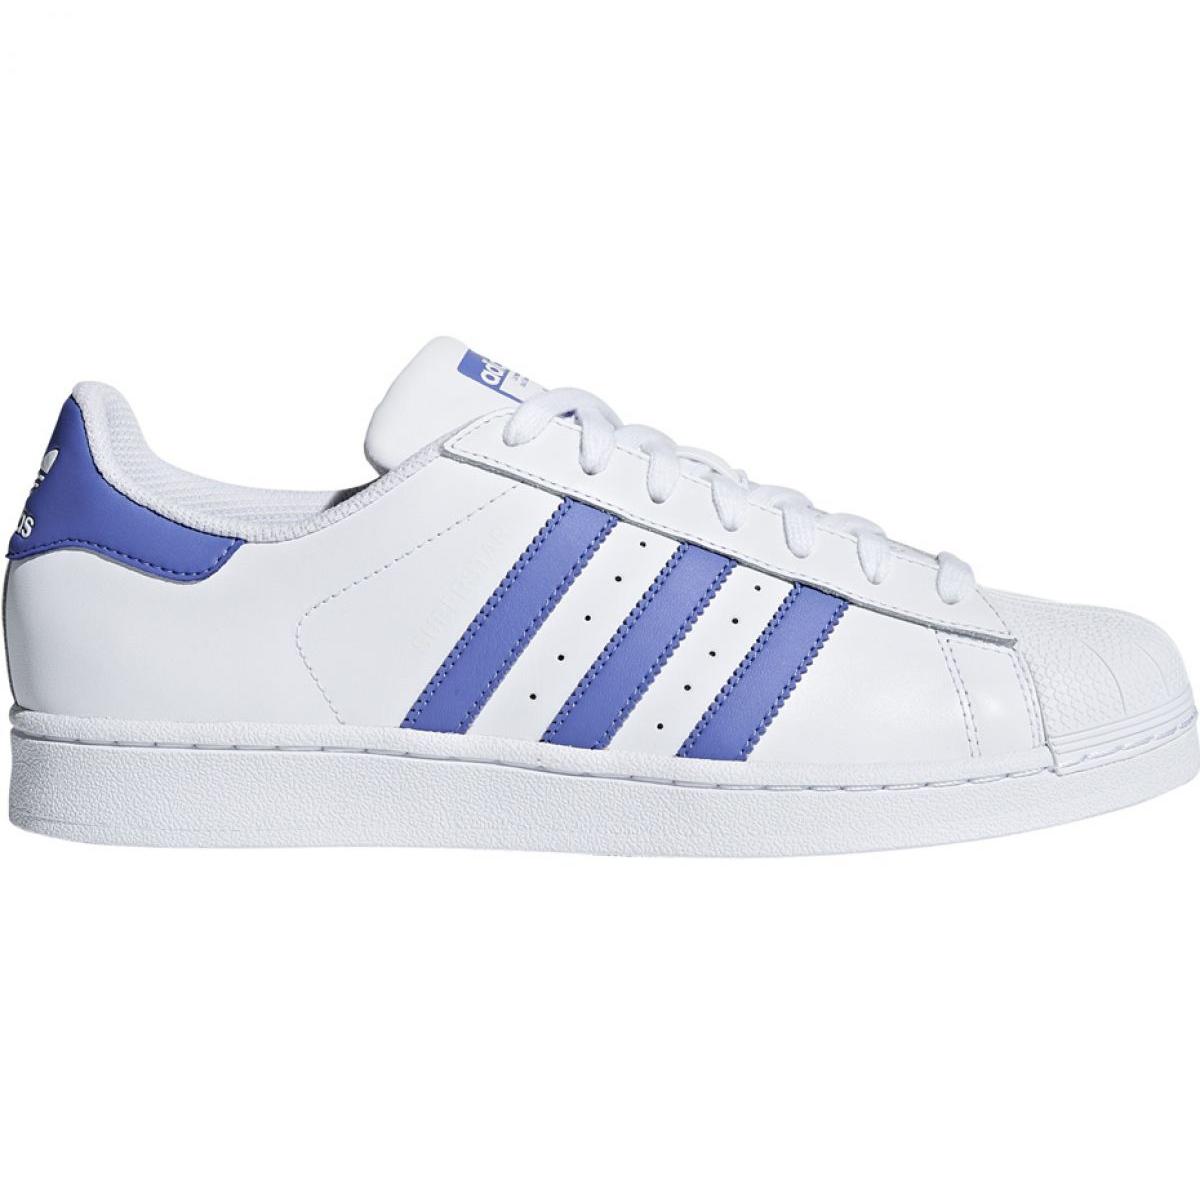 Embalaje original Salida De Los Zapatos Adidas Superstar